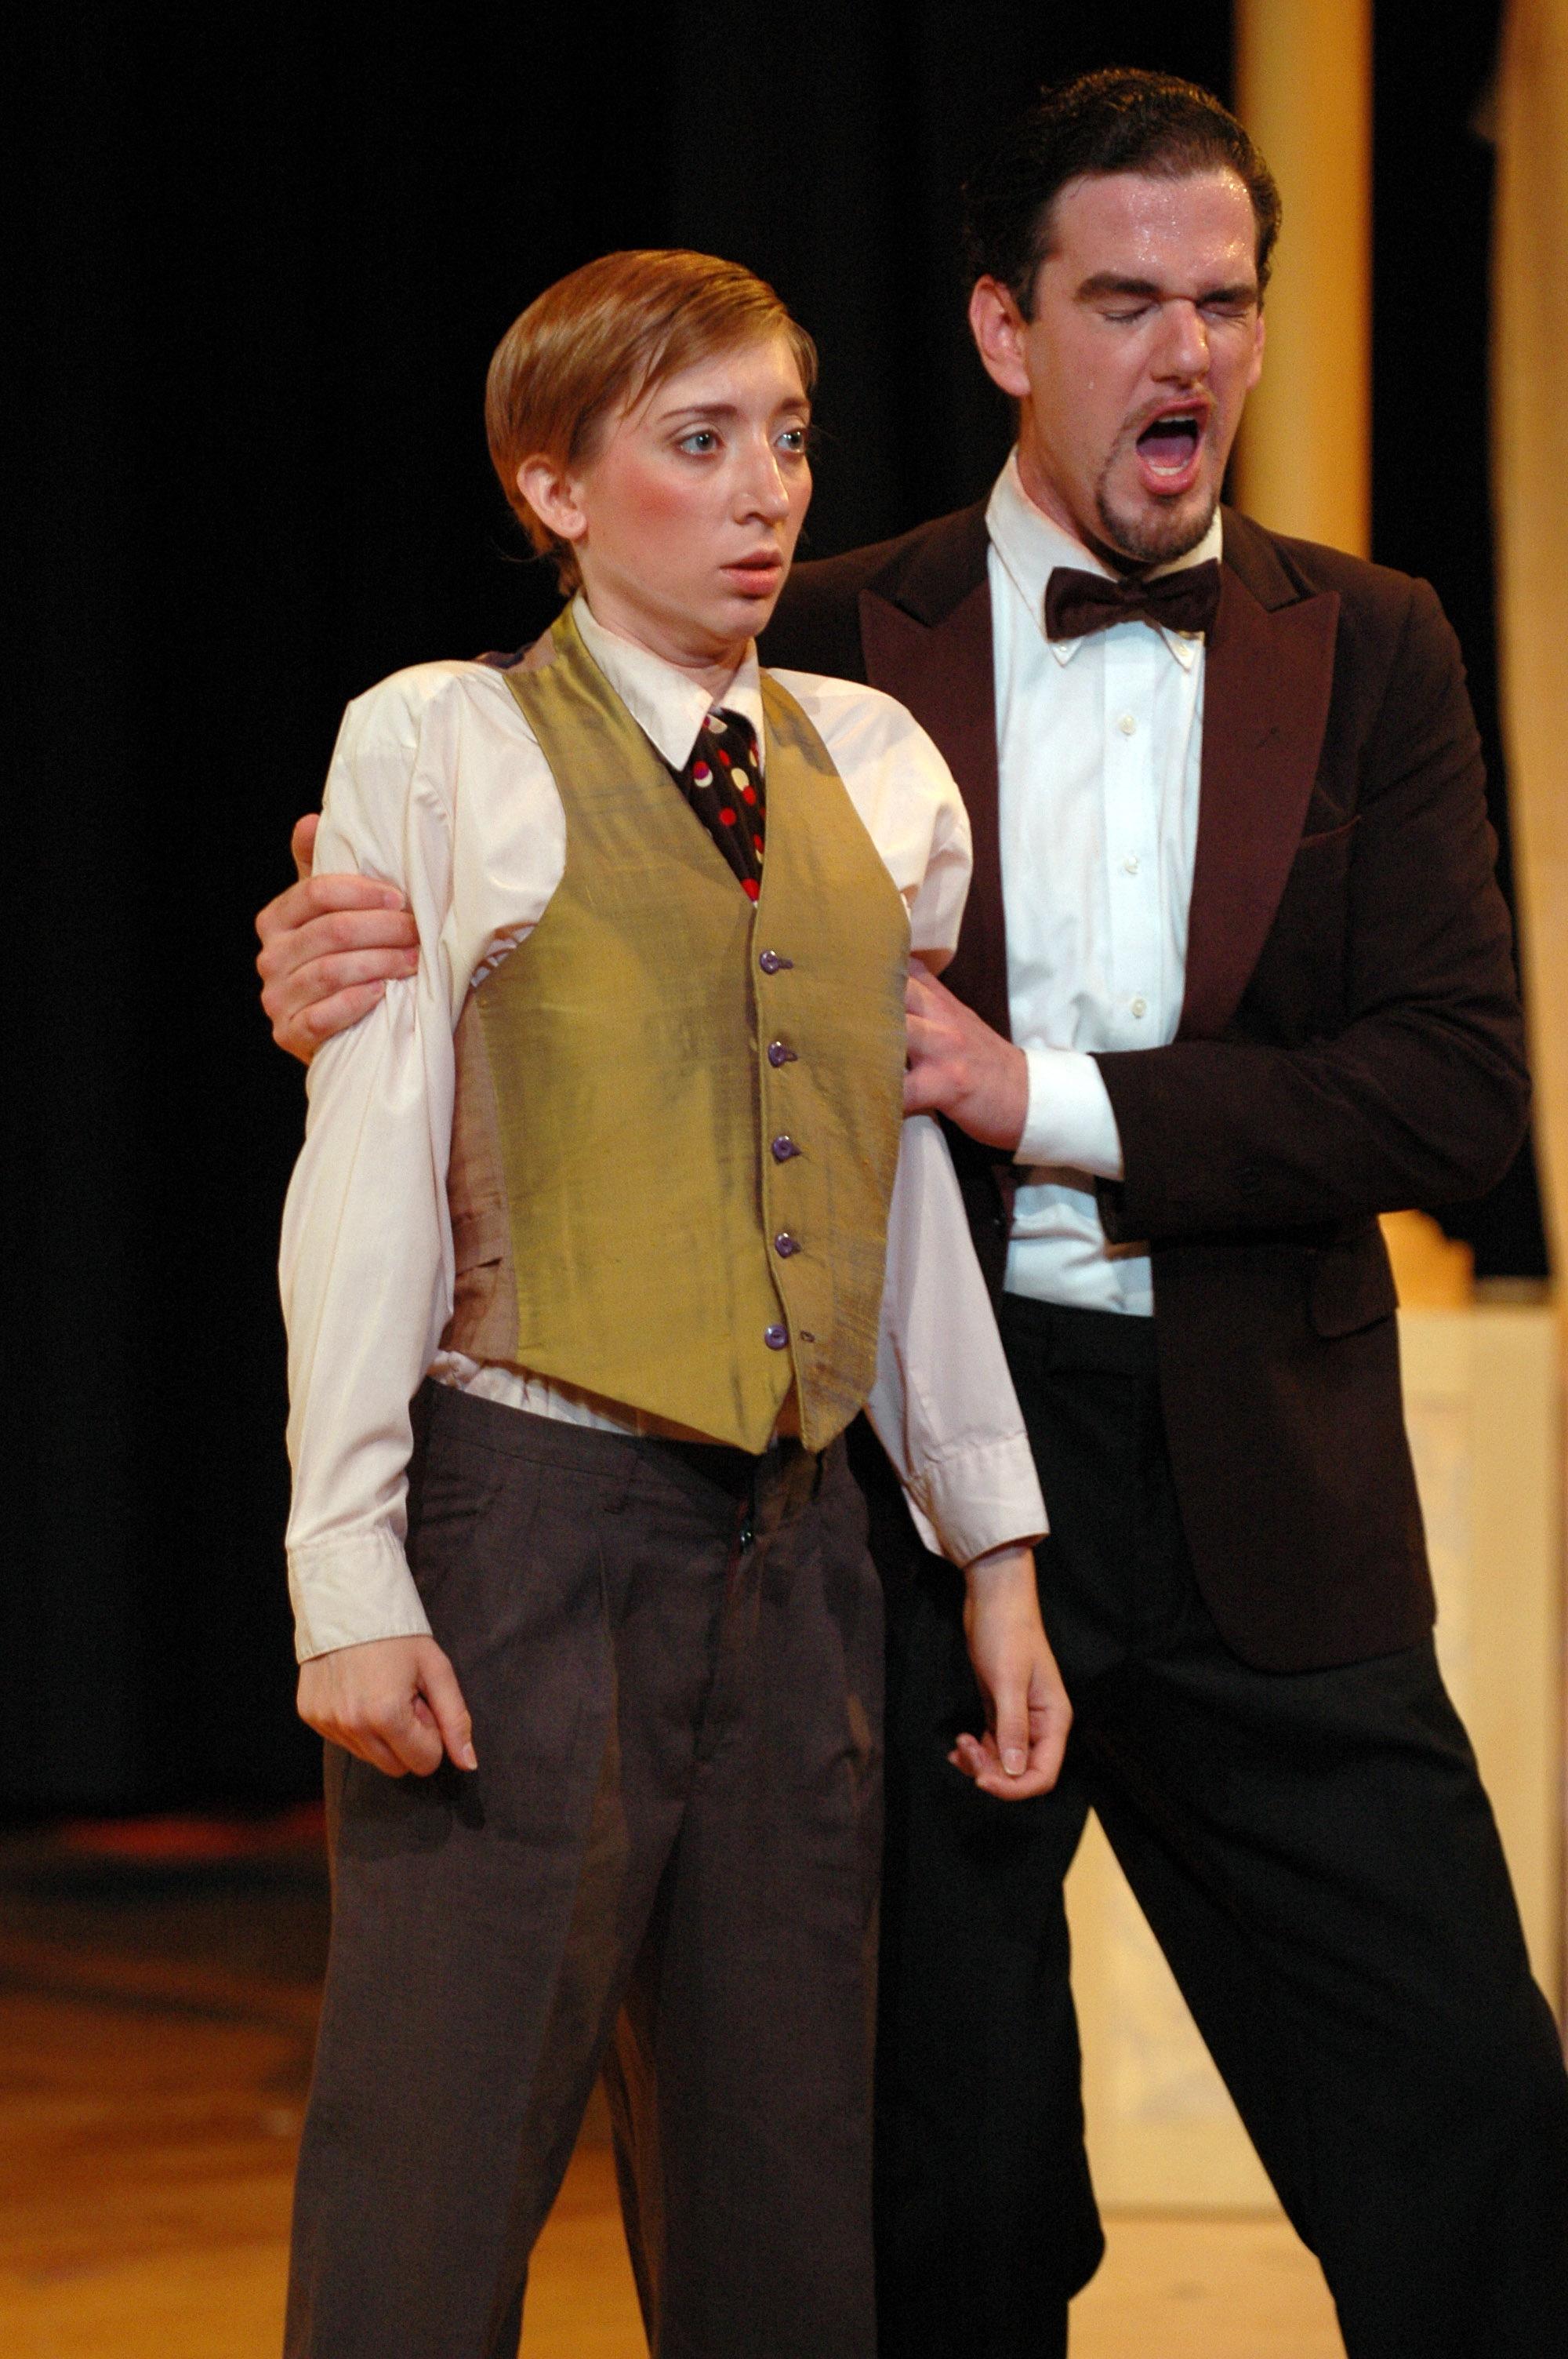 Cherubino,  Le nozze di Figaro  Boston Opera Collaborative, 2010 photo credit: Justin Bates